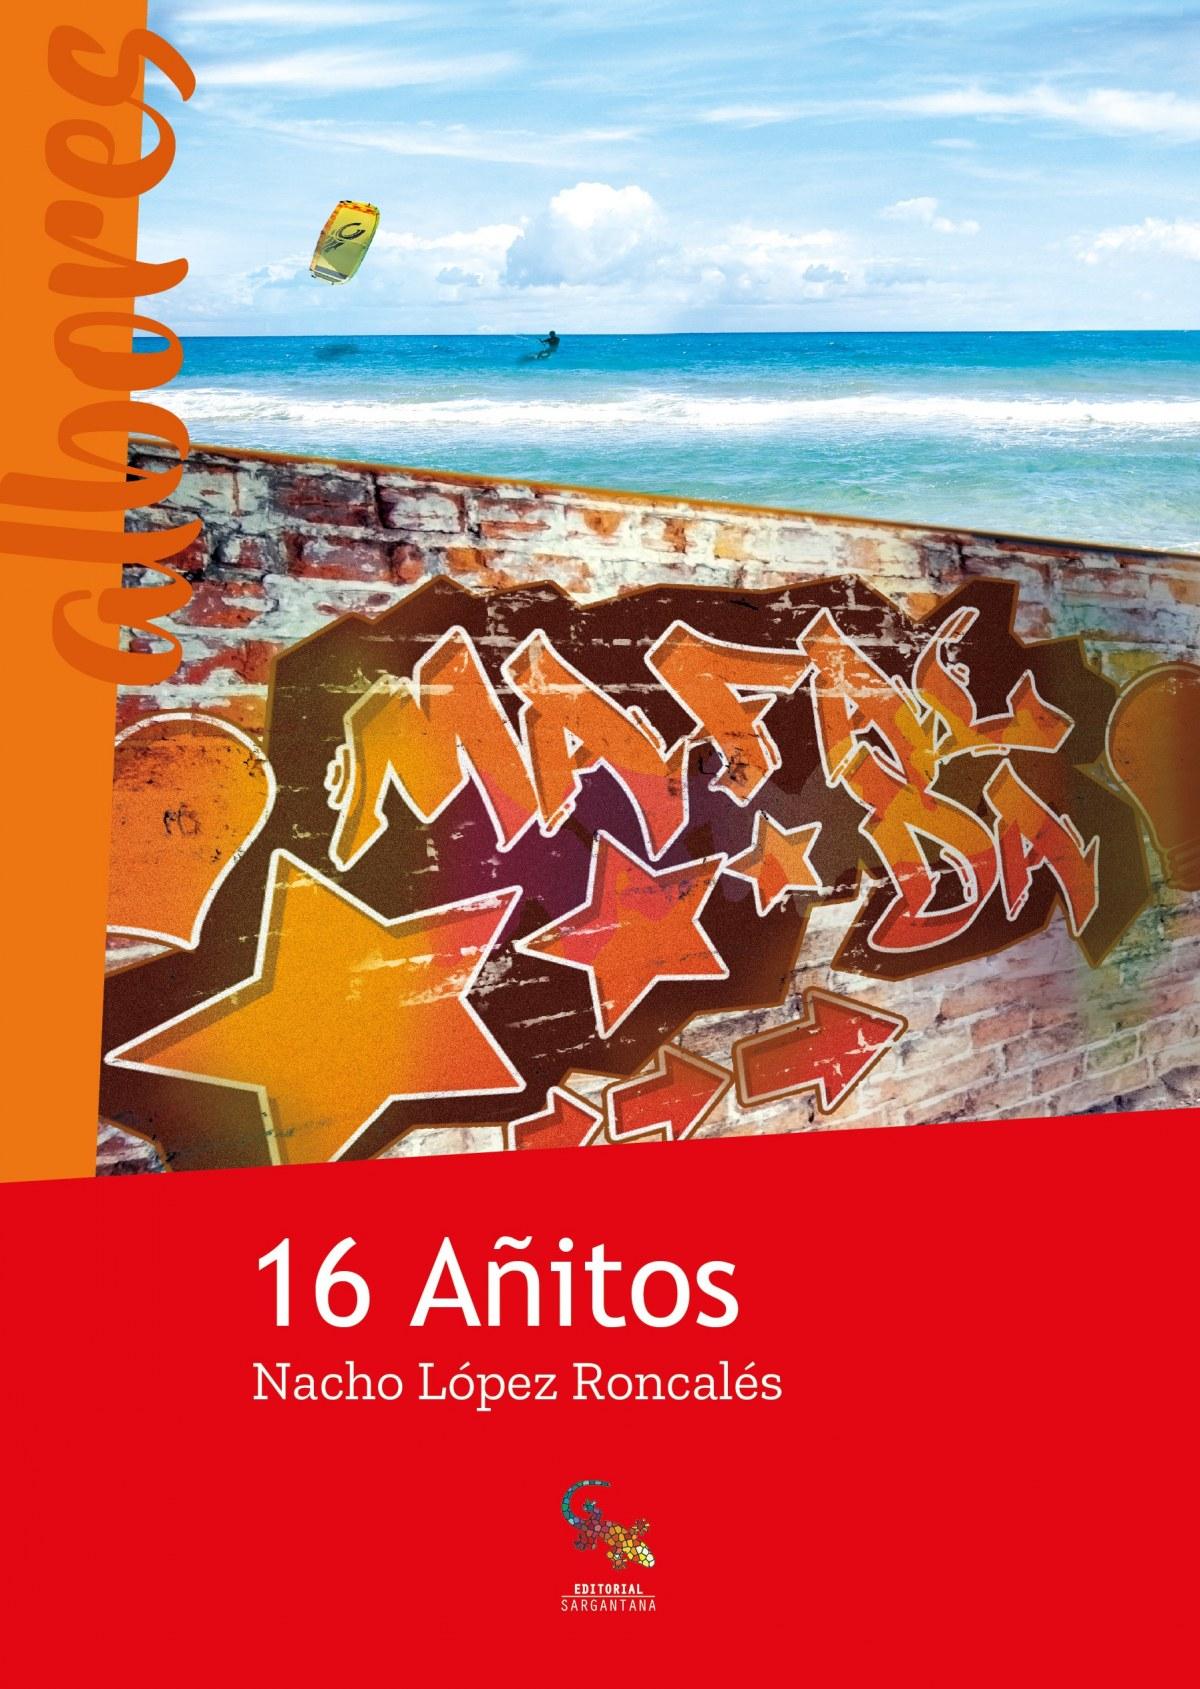 16 AñITOS 9788416900466